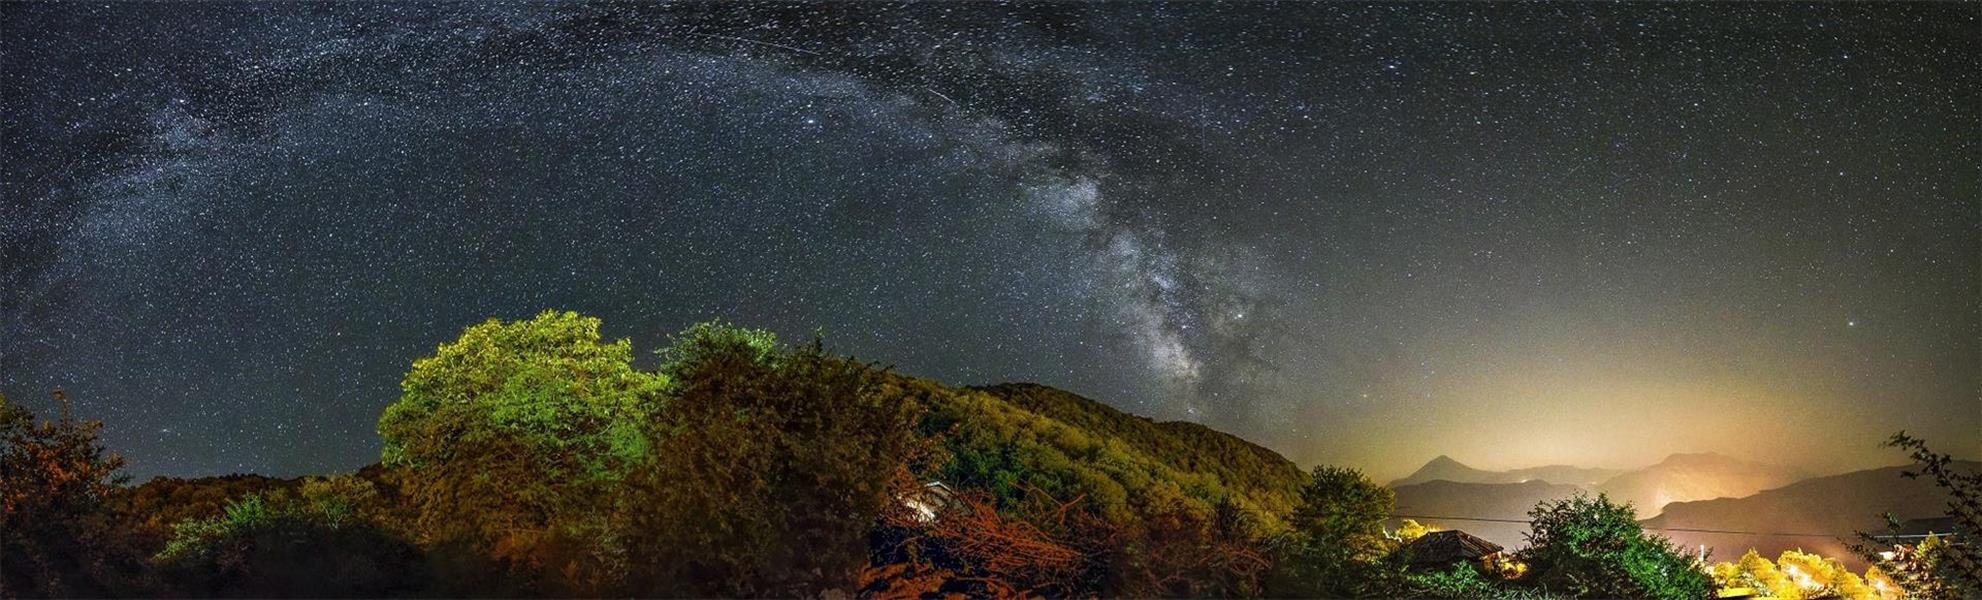 هنر عکاسی عکاسی در شب Pendar Akbari پانوراما راه شیری و قله دماوند عکاسی از روستای الیمستان مازندران 12 شات عکس با نوردهی 20 ثانیه و ایزو 400 و دیافراگم 2.8 نیکون دی 750 14 میلی متر سامیانگ